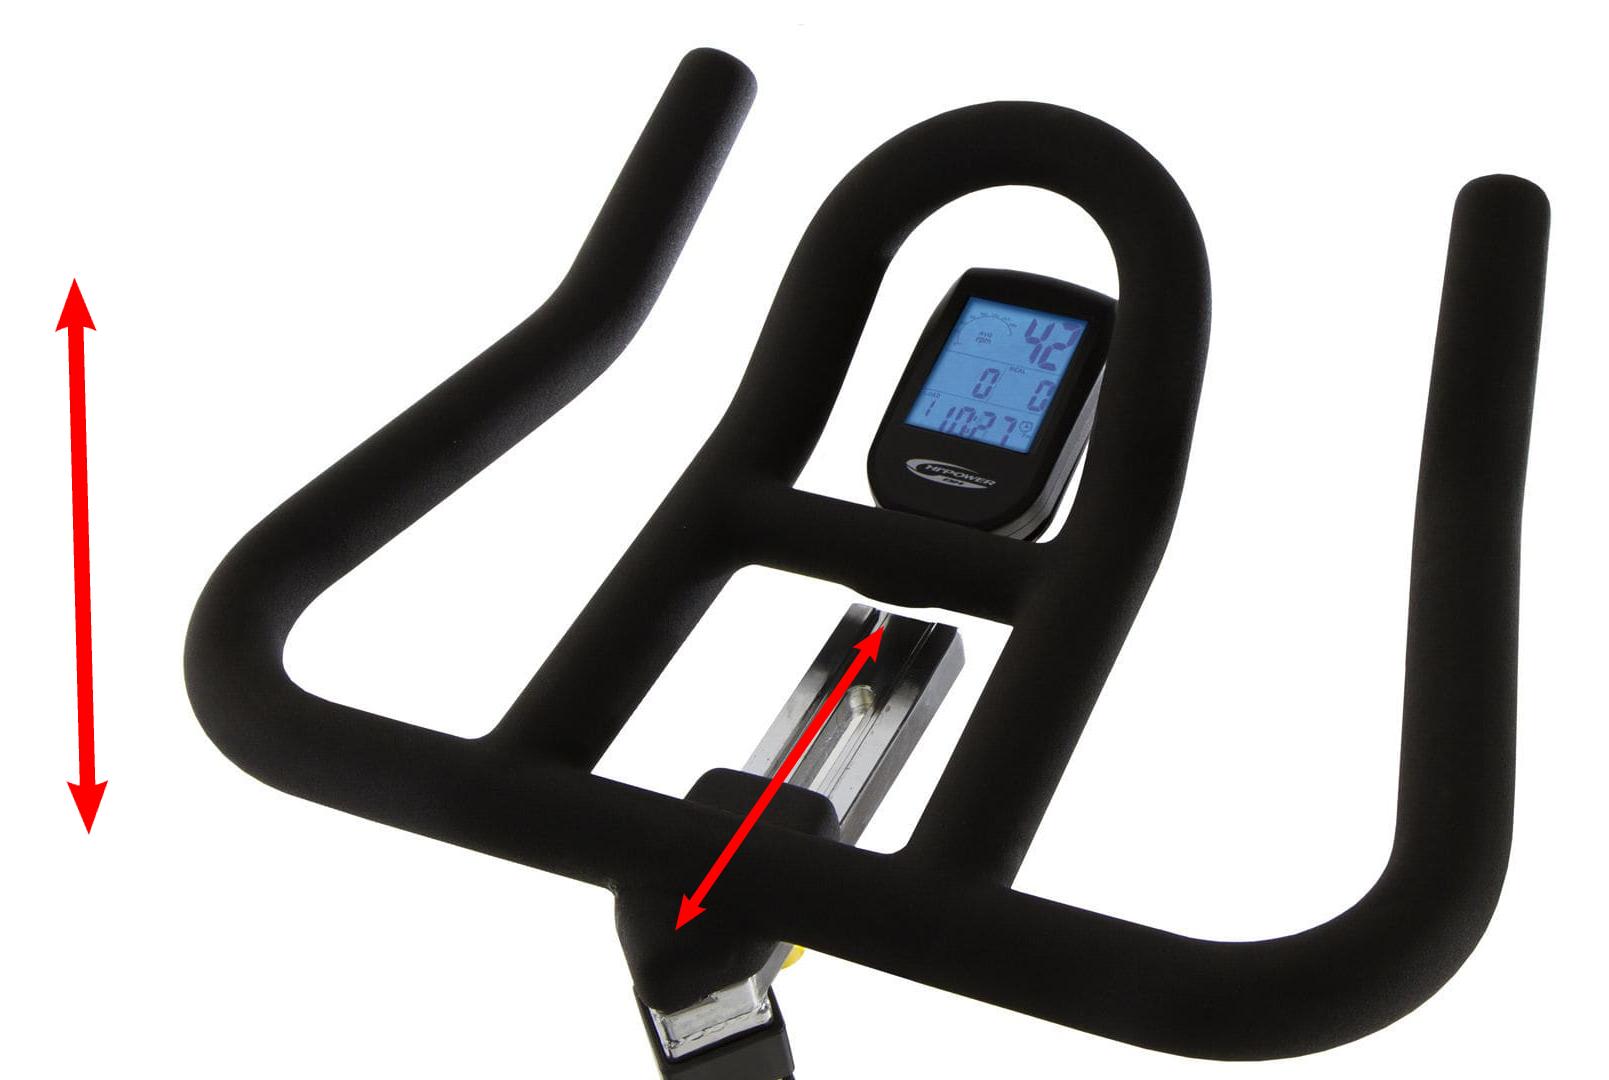 BH Fitness Super Duke Magnetic řídítka